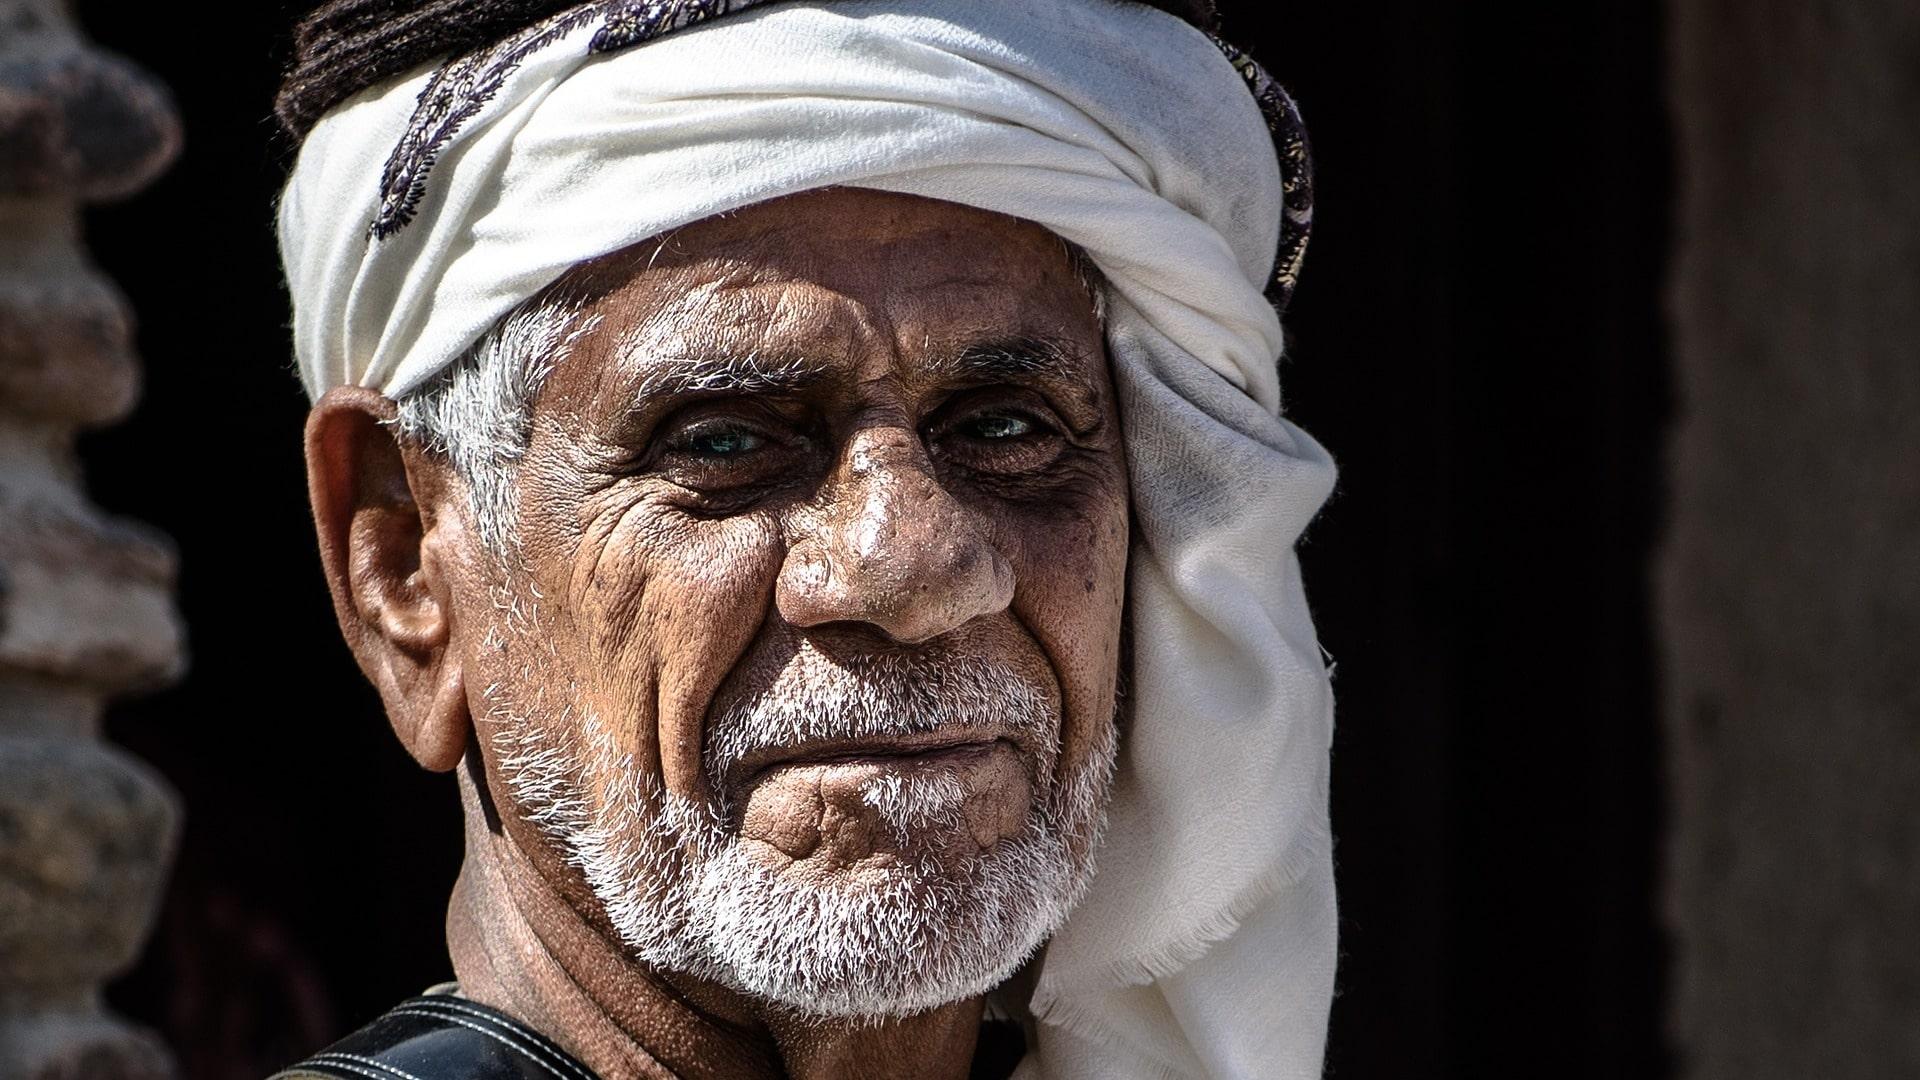 Berbakti Kepada Orang Tua Adalah Bagian Dari Ibadah Dalam Islam